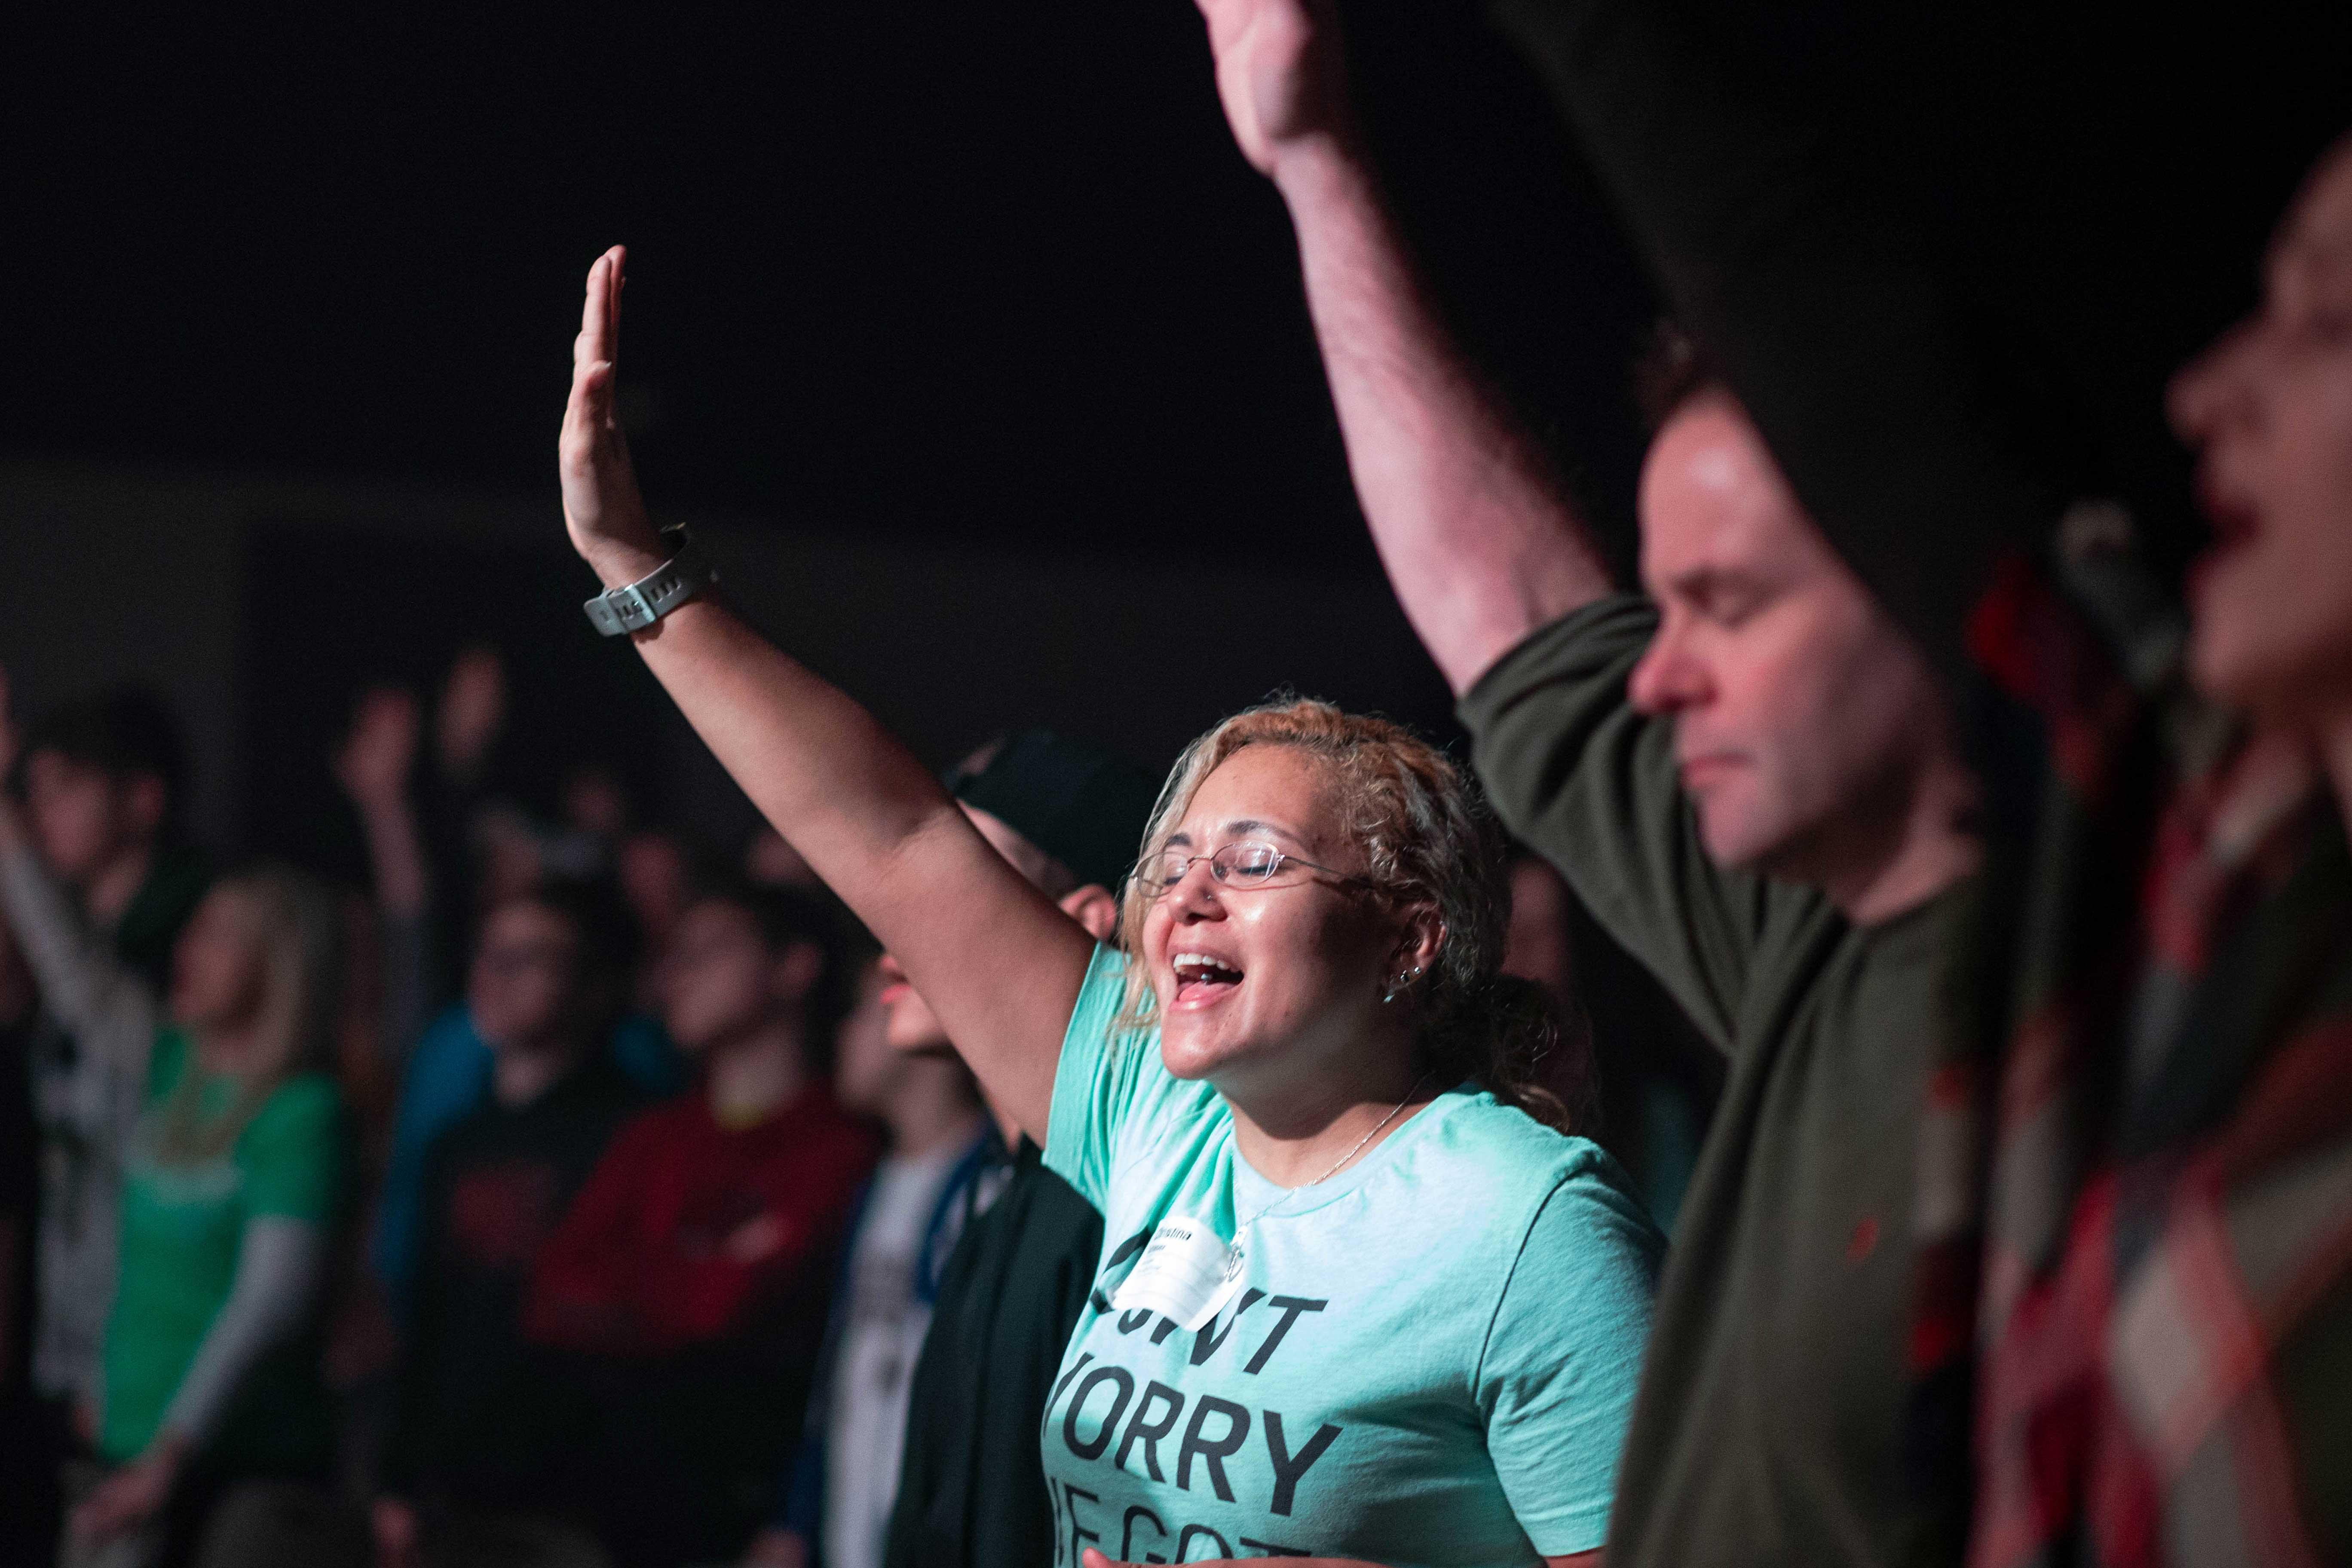 worship raising hands